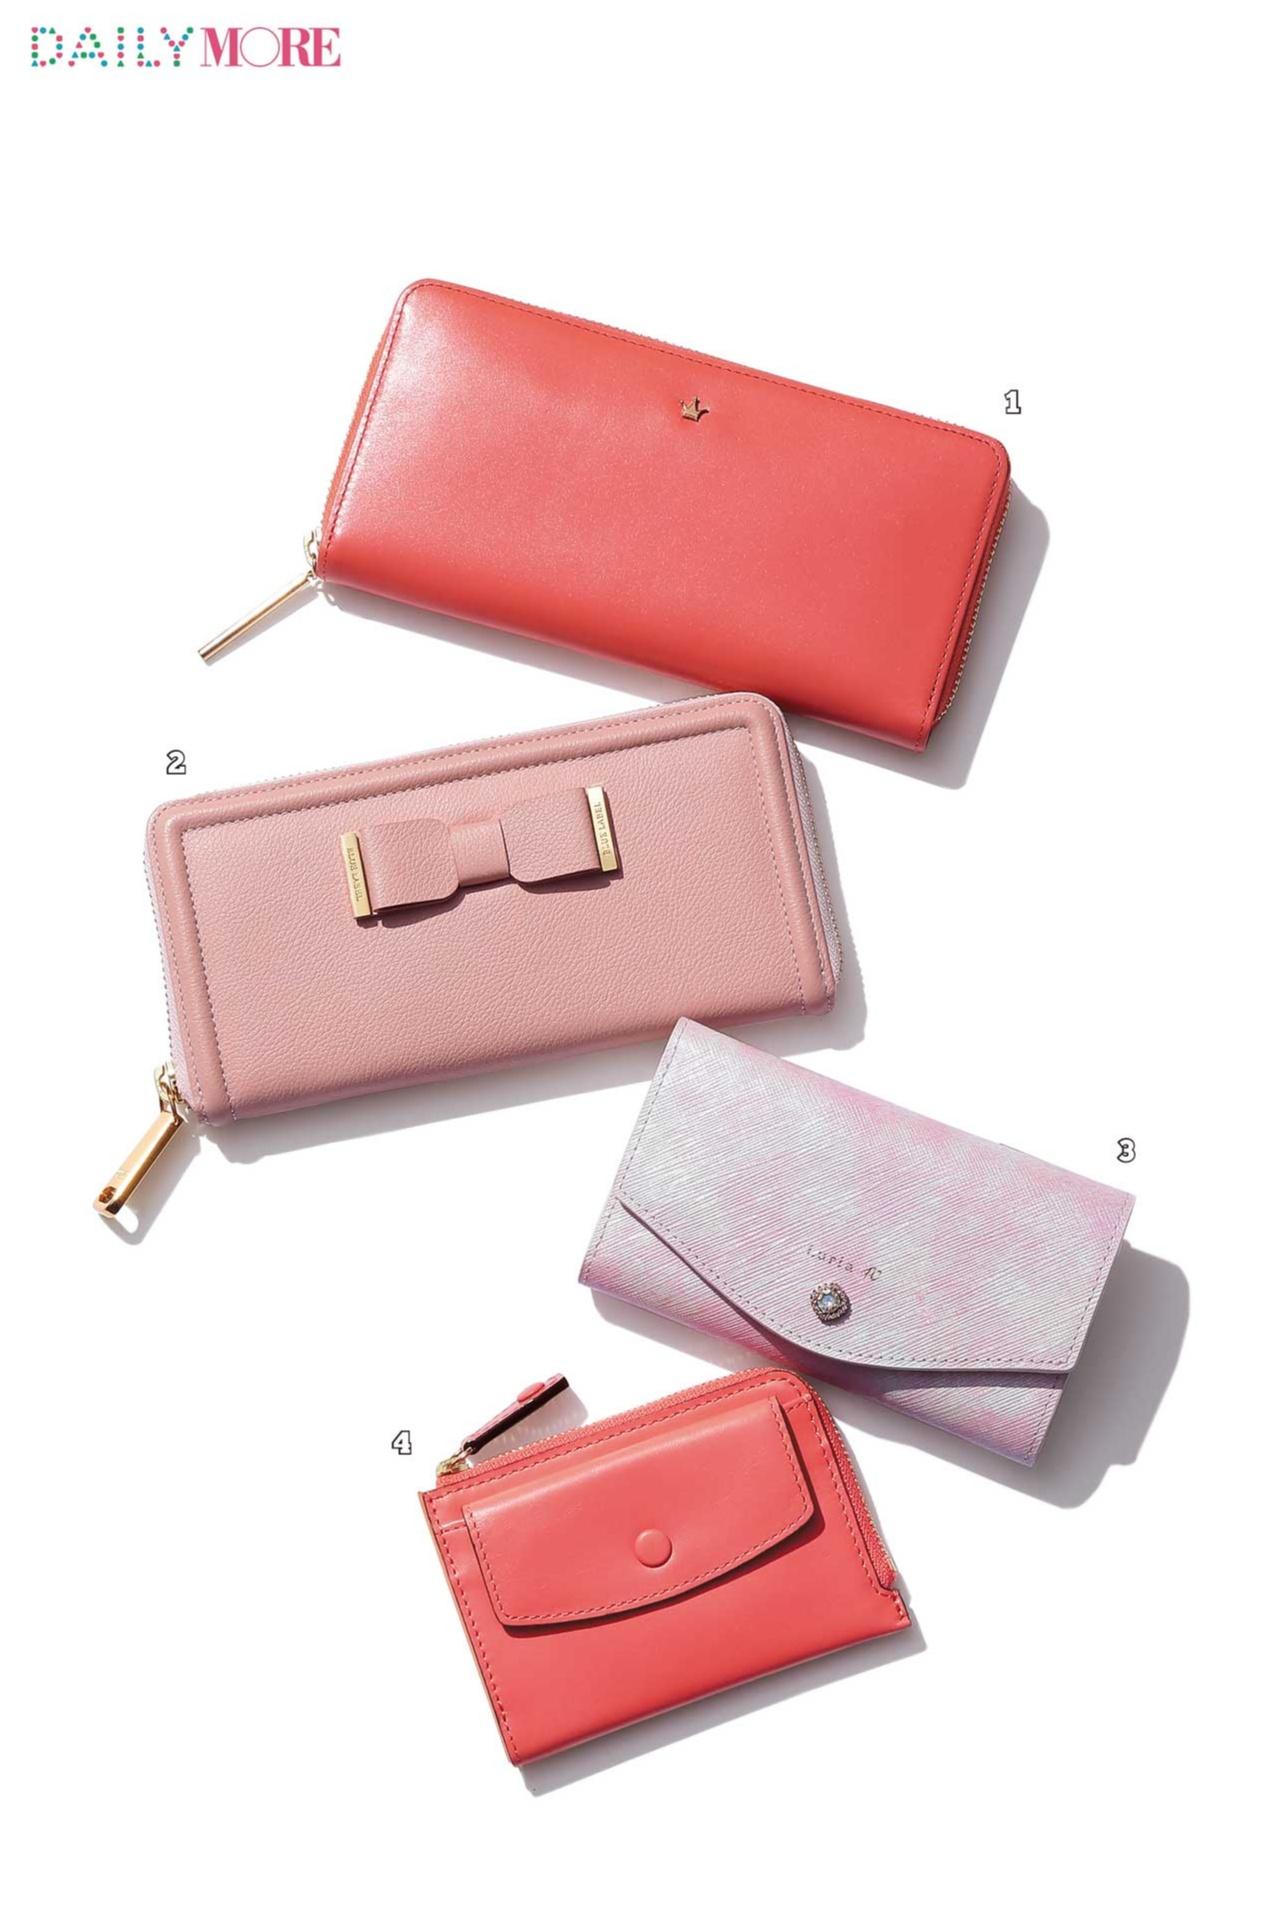 運も容姿も磨いてくれるのは、ピンク!? 2017年の開運カラー財布、教えます!_2